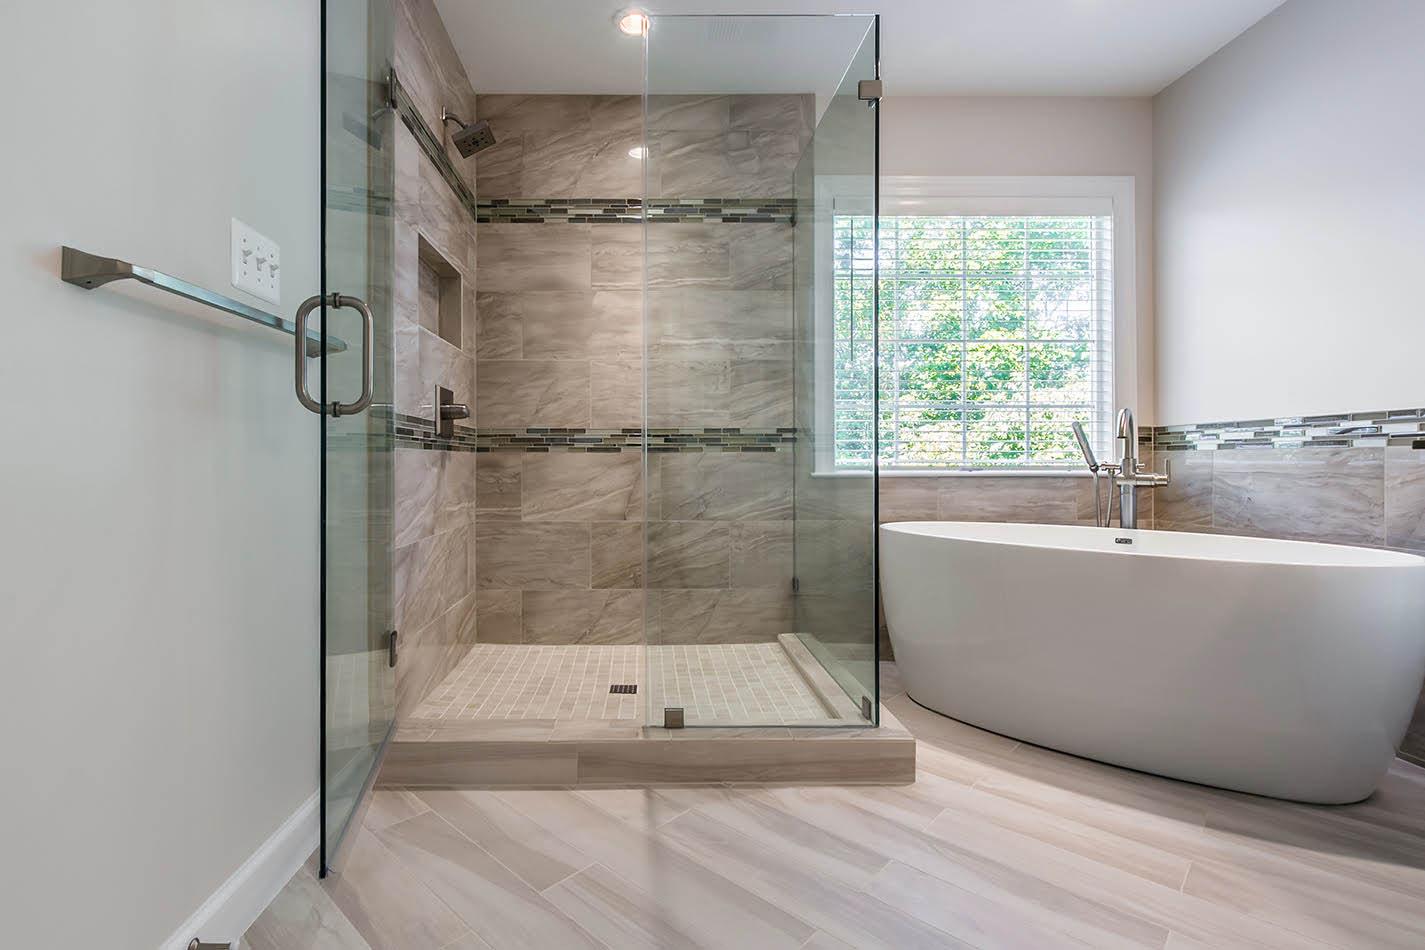 Austin Interior Design_Master Bathroom